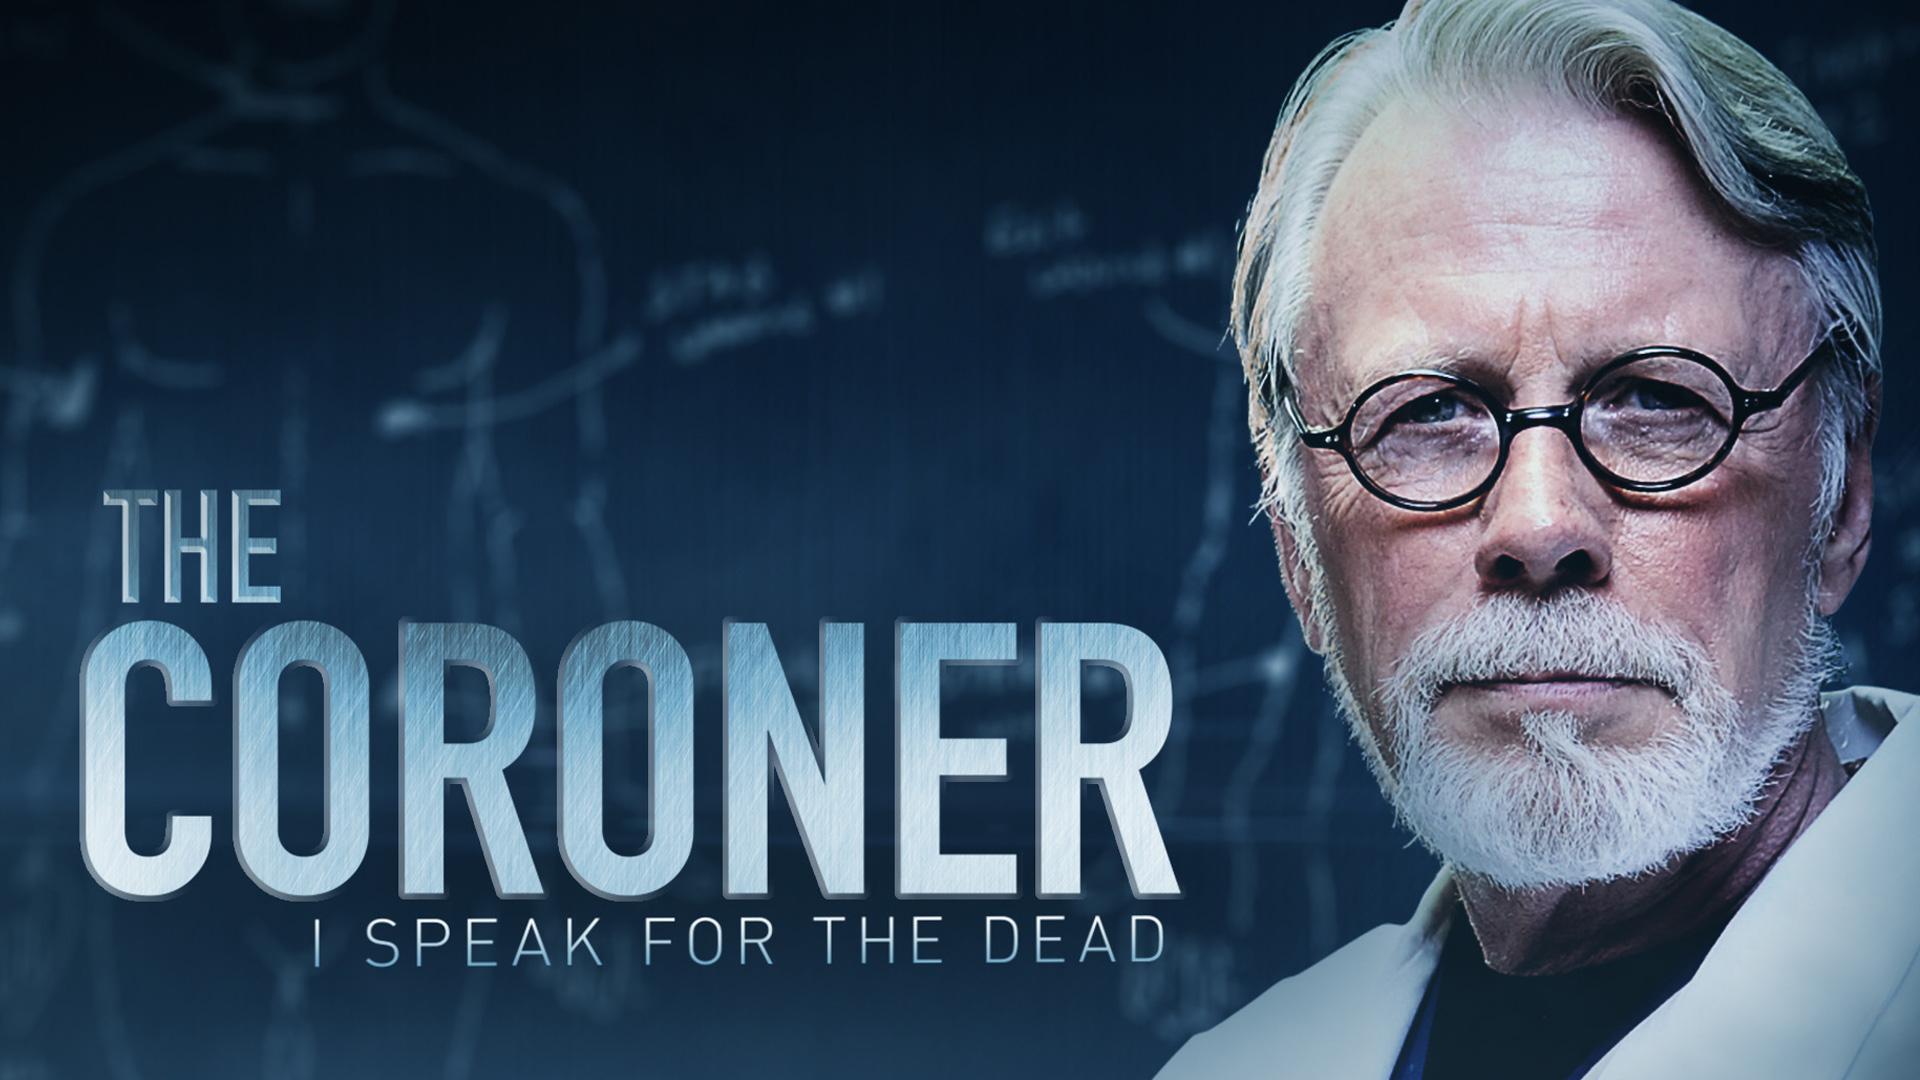 The Coroner I Speak for the Dead Season 1